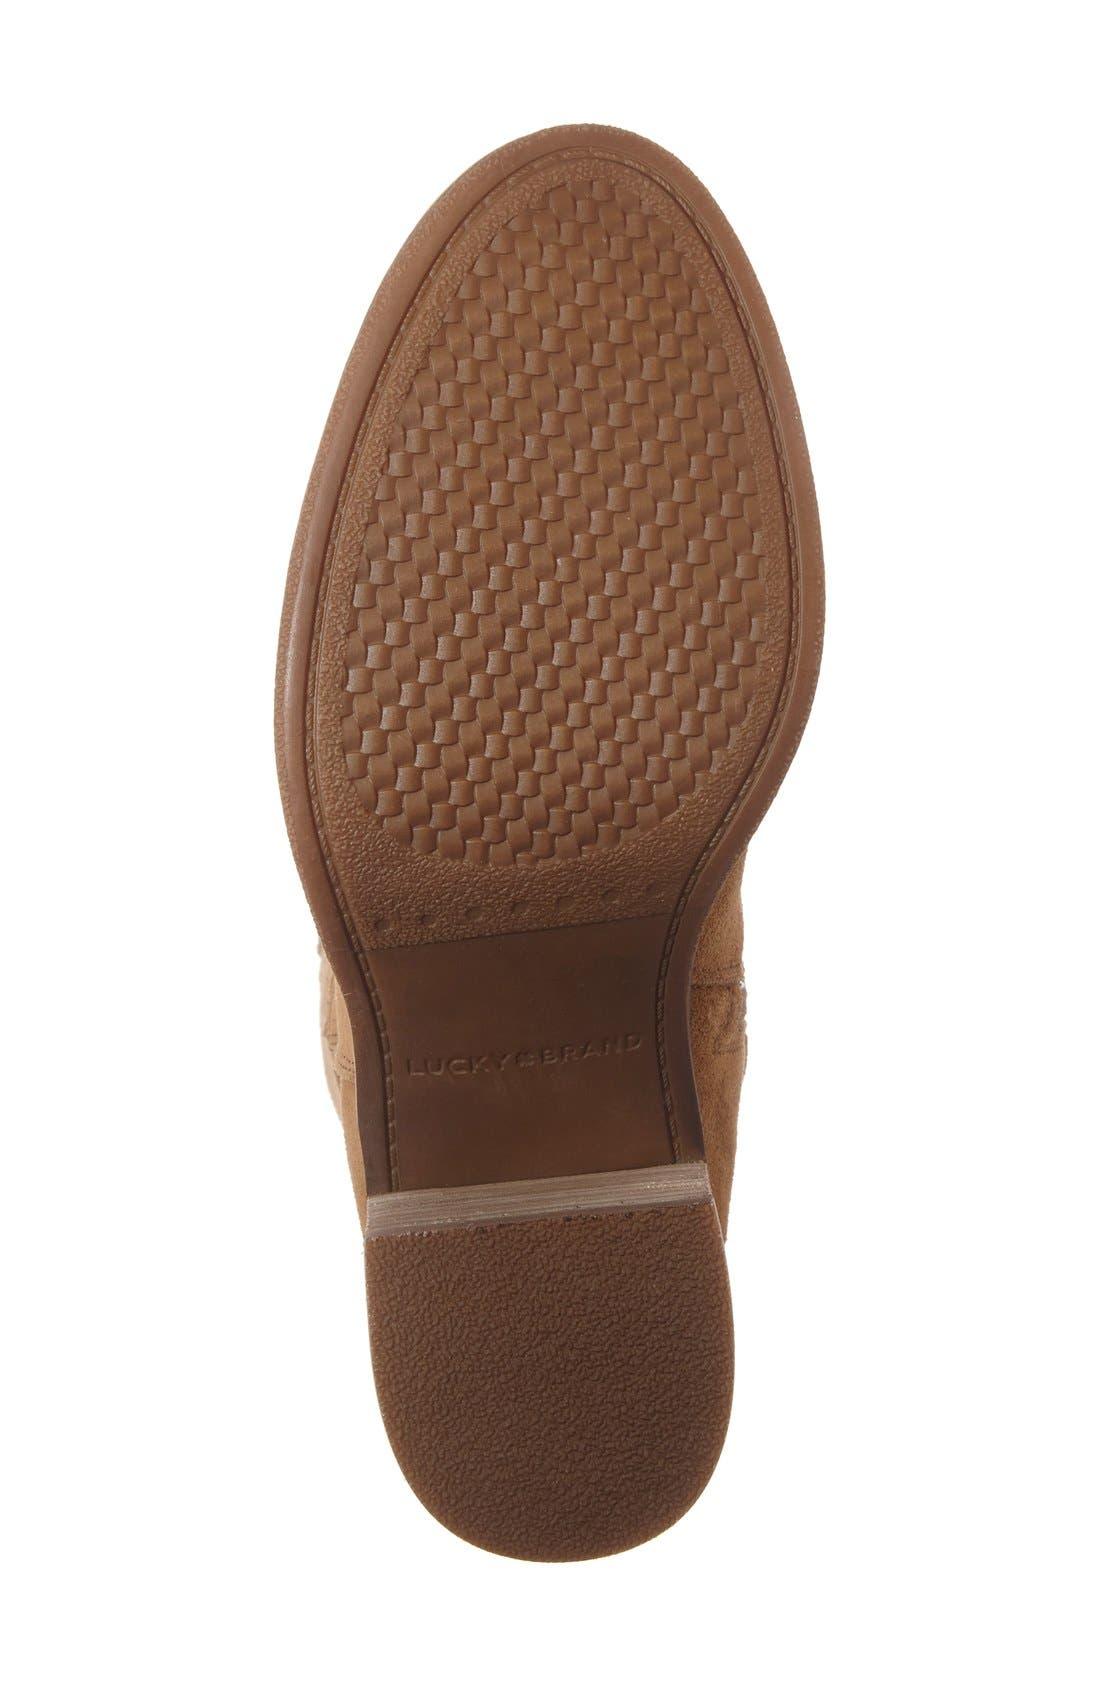 Alternate Image 4  - Lucky Brand Ritten Tall Boot (Women) (Wide Calf)